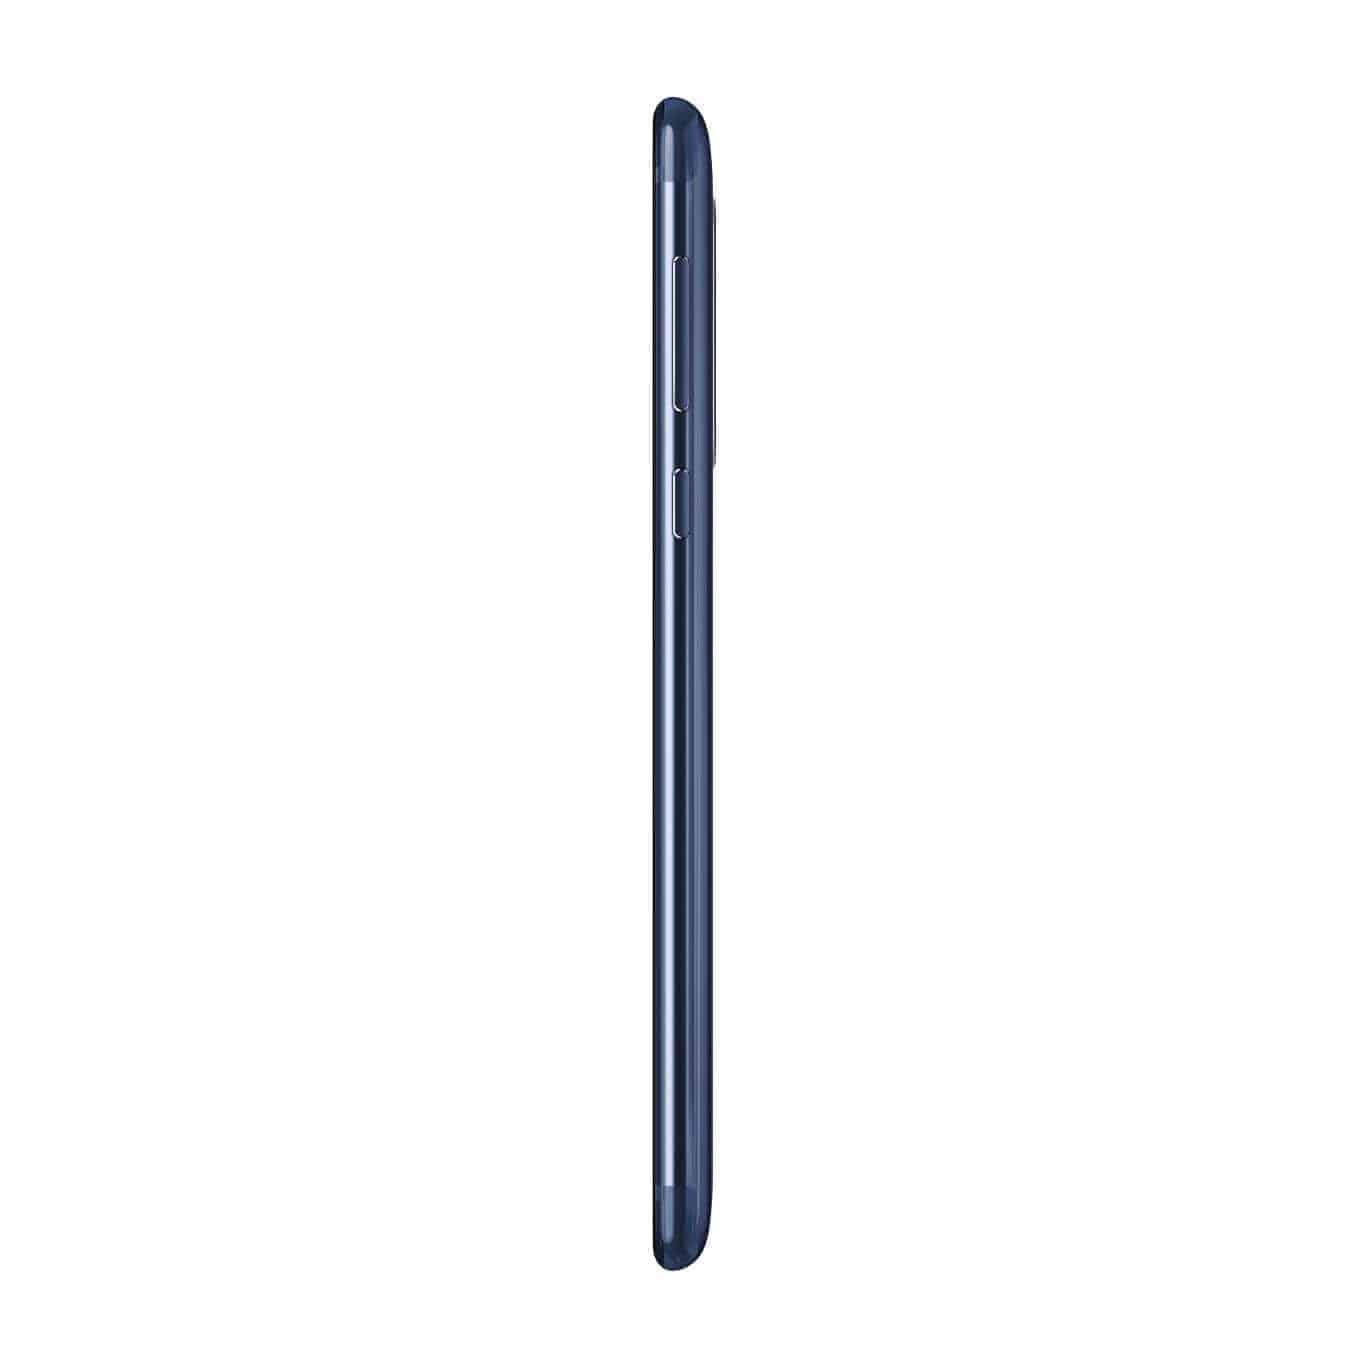 Nokia 8 Polished Blue 5